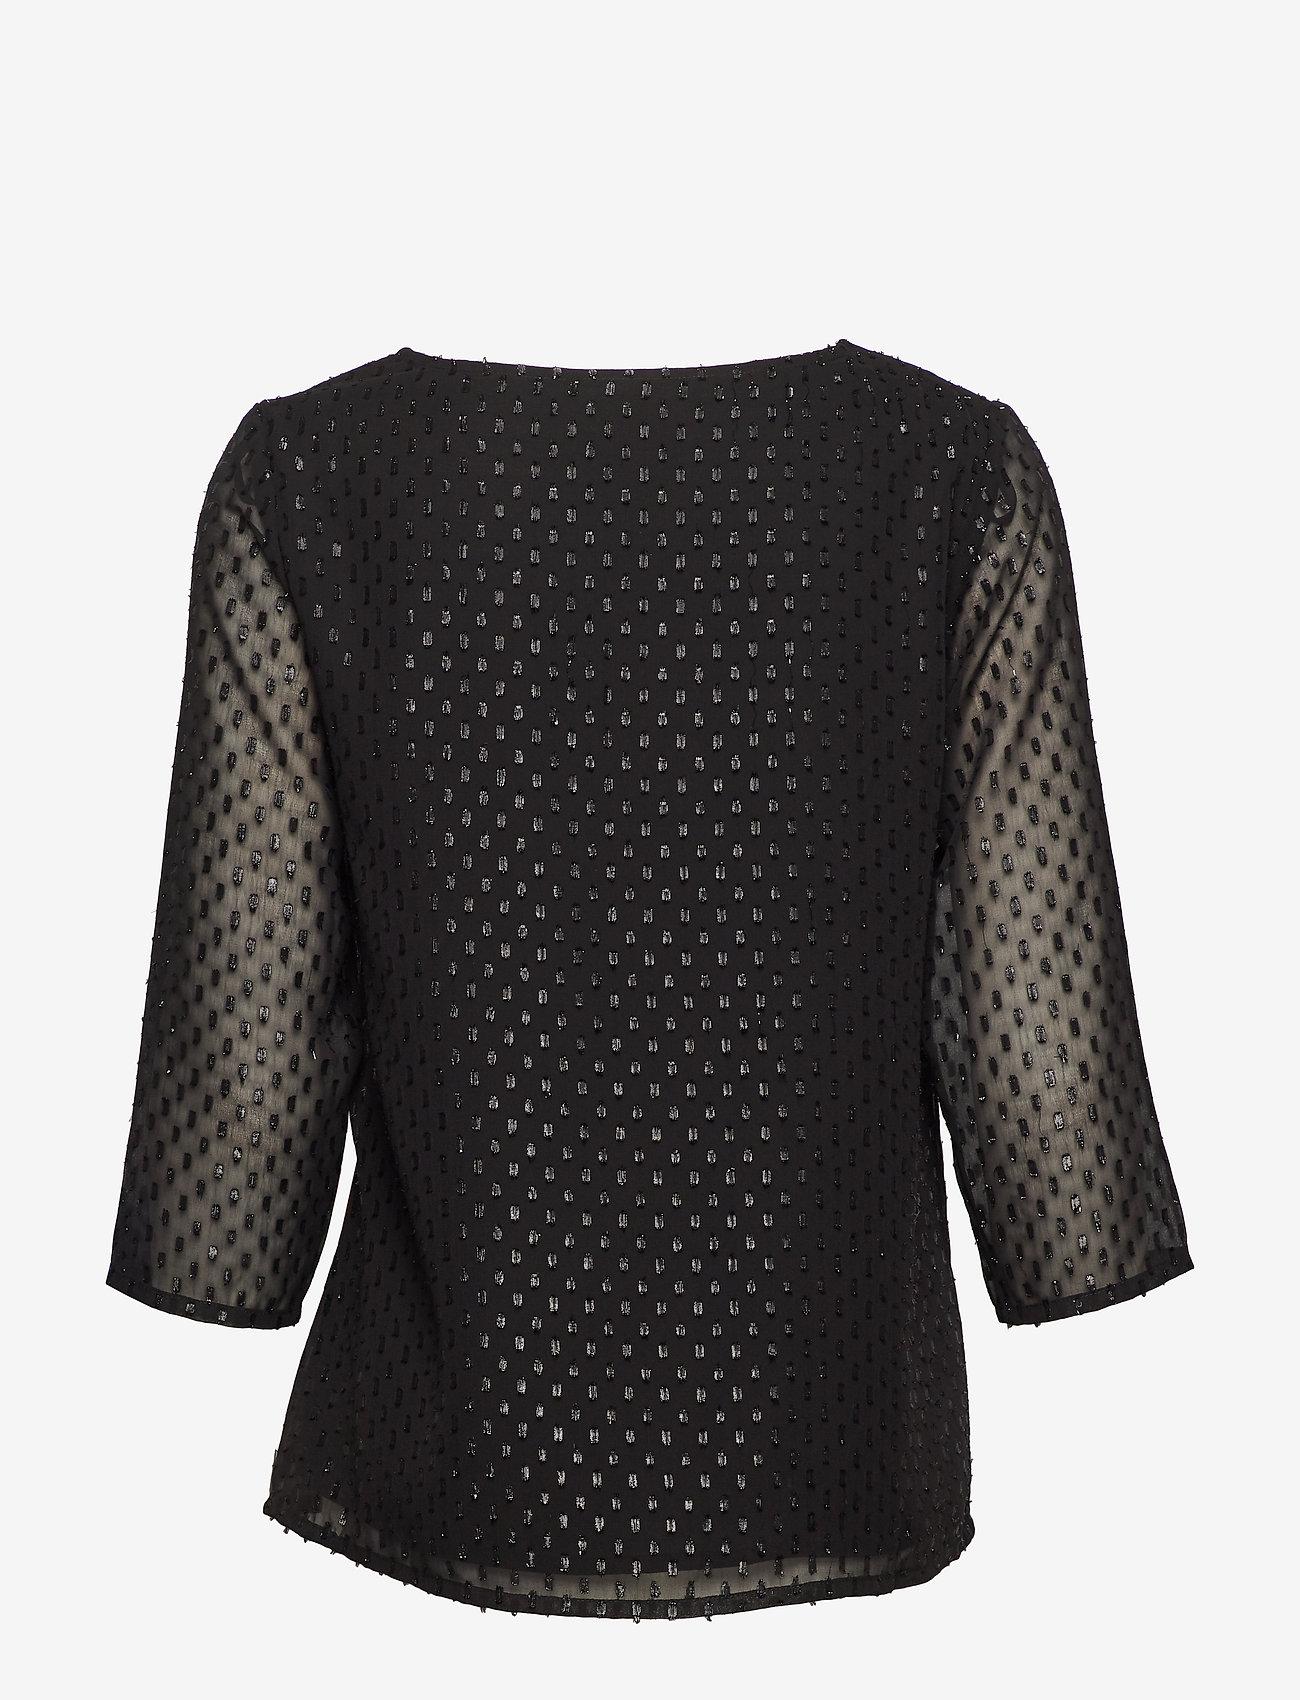 Vila Vihenri 3/4 Top C3 - Blouses & Shirts